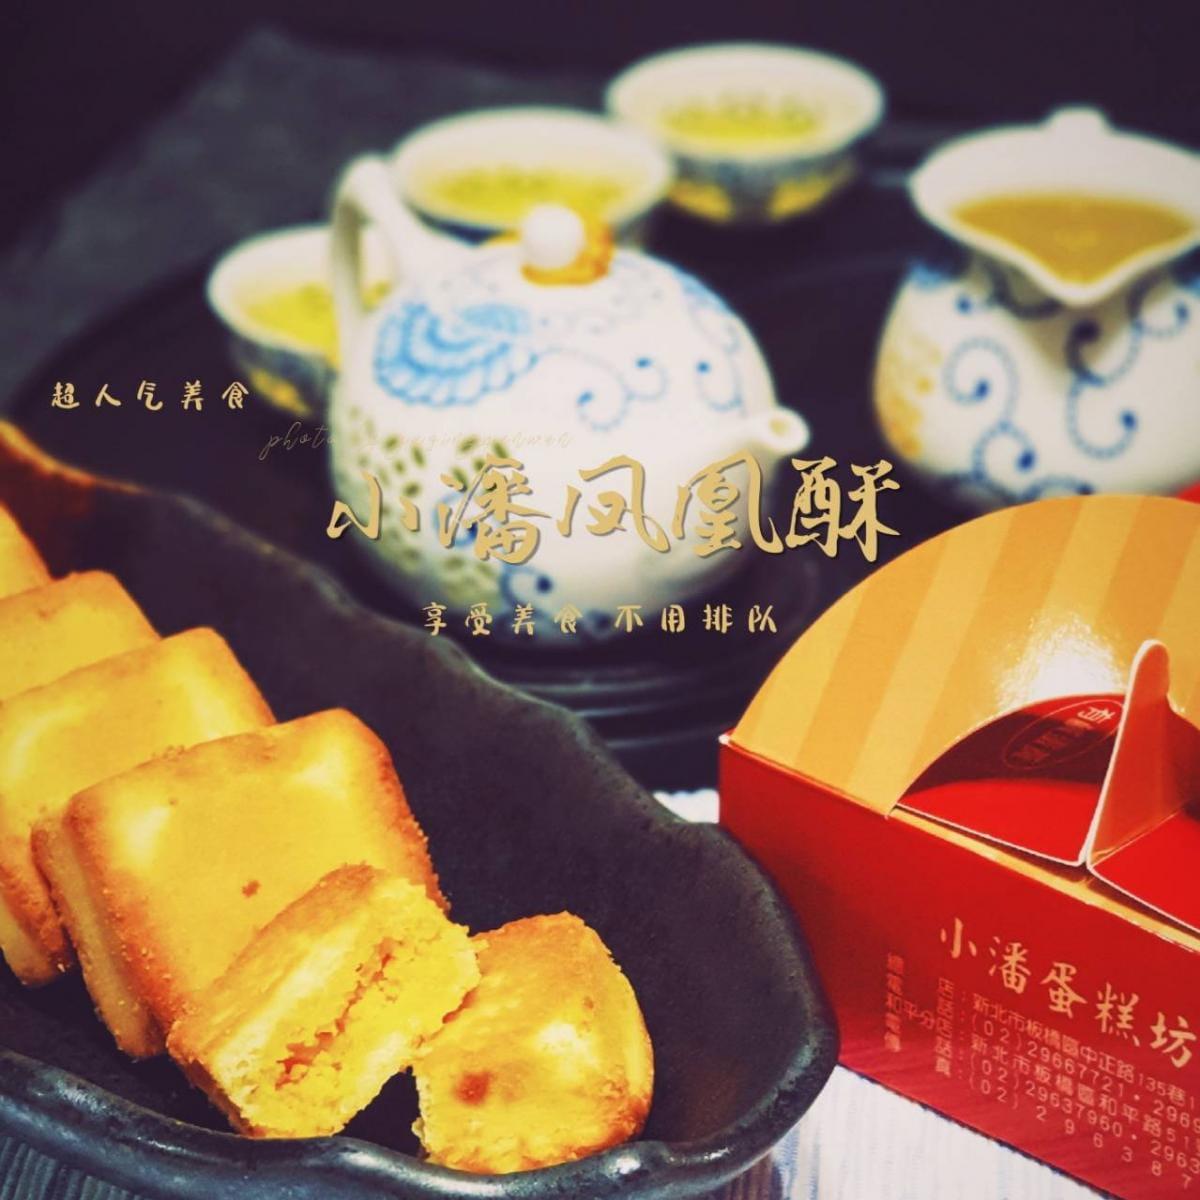 小潘鳳凰酥裸裝版禮盒無提袋 15顆/盒 0